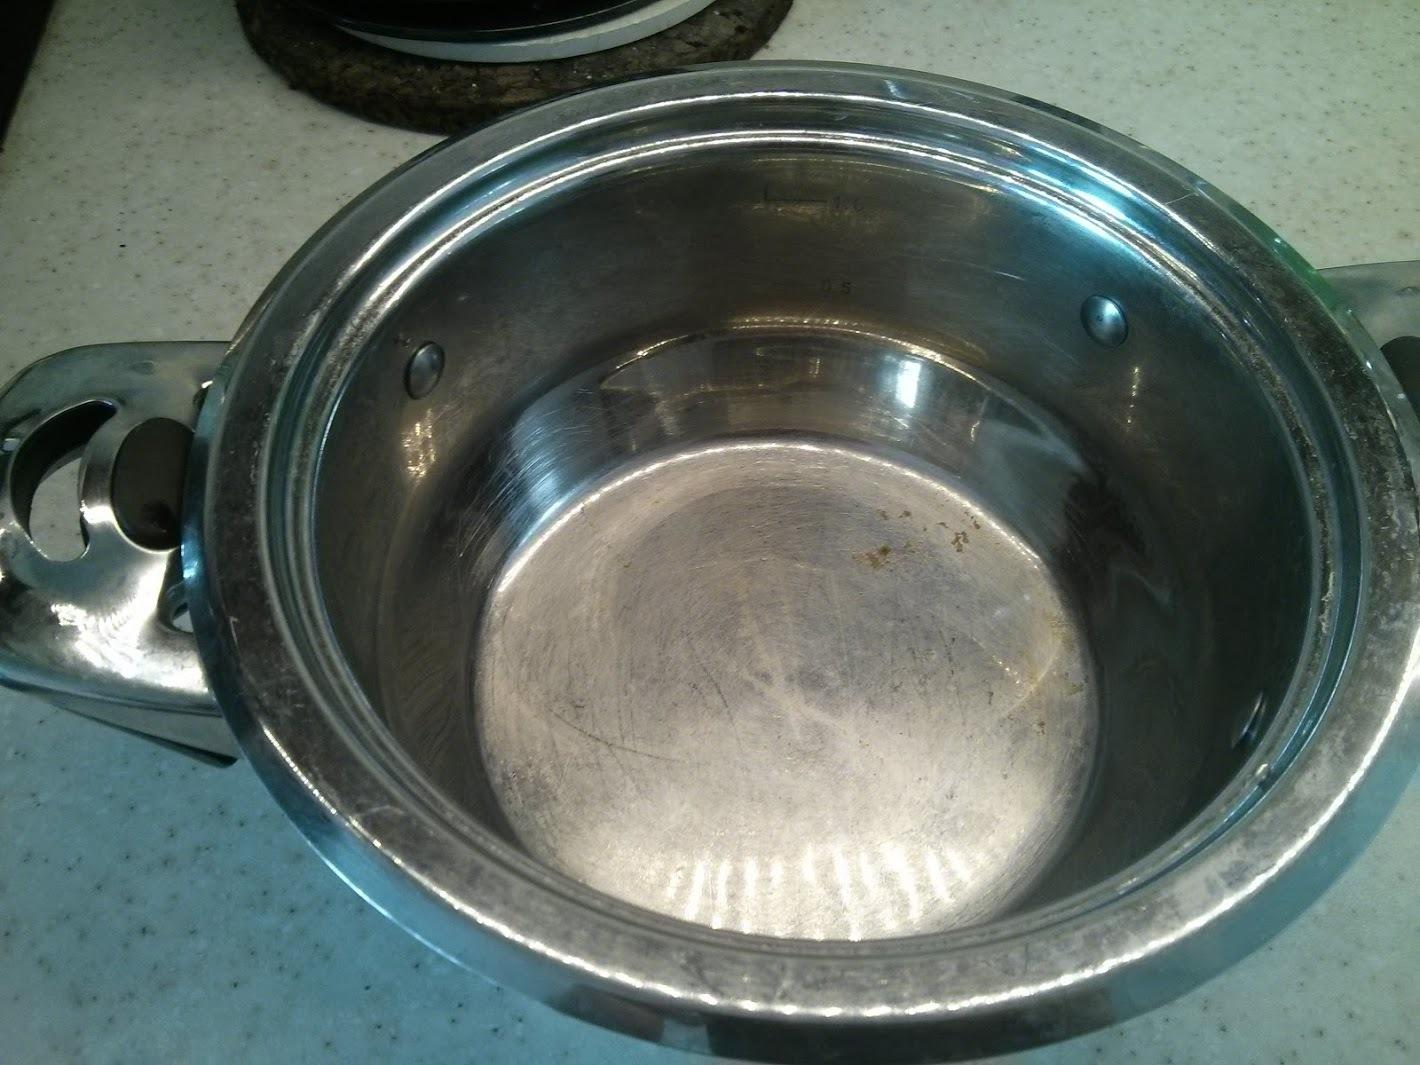 Пудра для мозга или как сделать порошок для посудомойки в 9,7 раз дешевле - 11